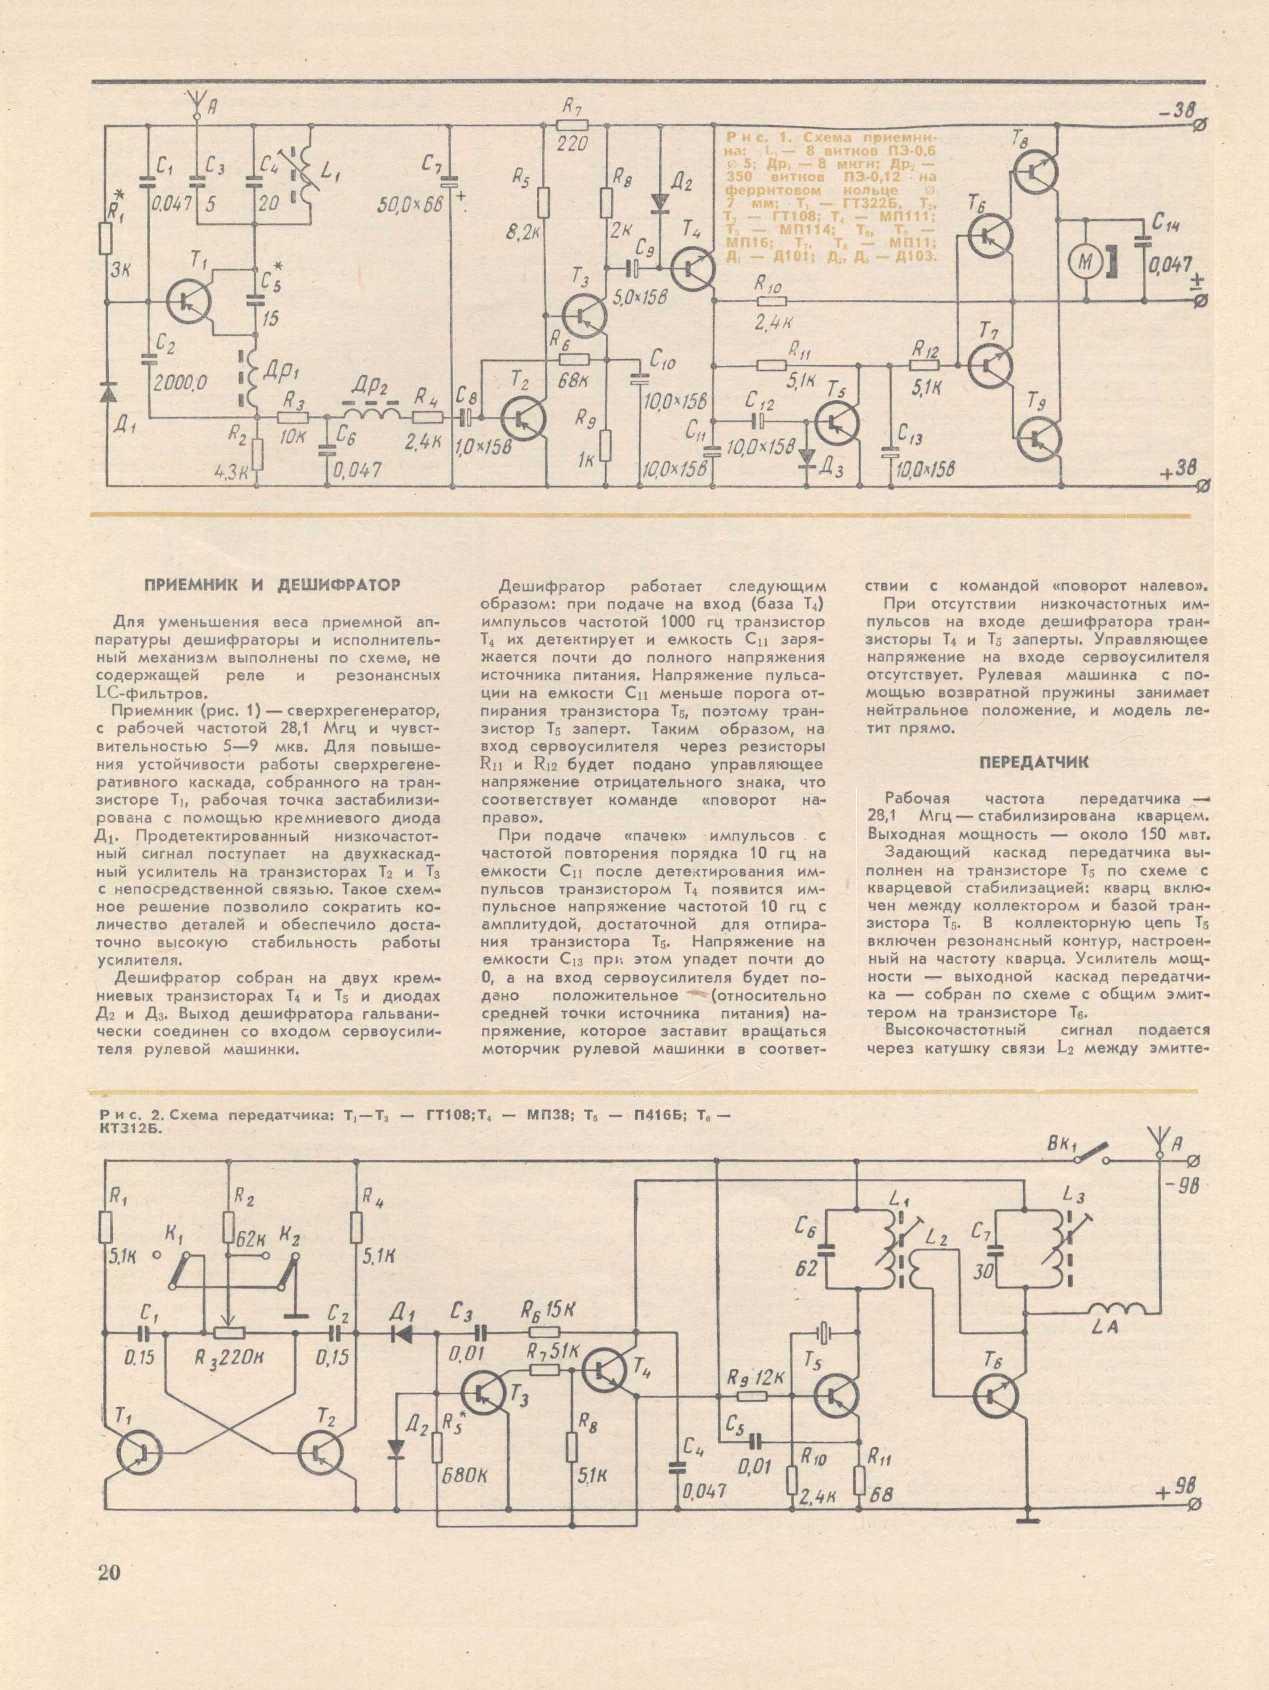 Схема усилителя для электрогитары на транзисторах